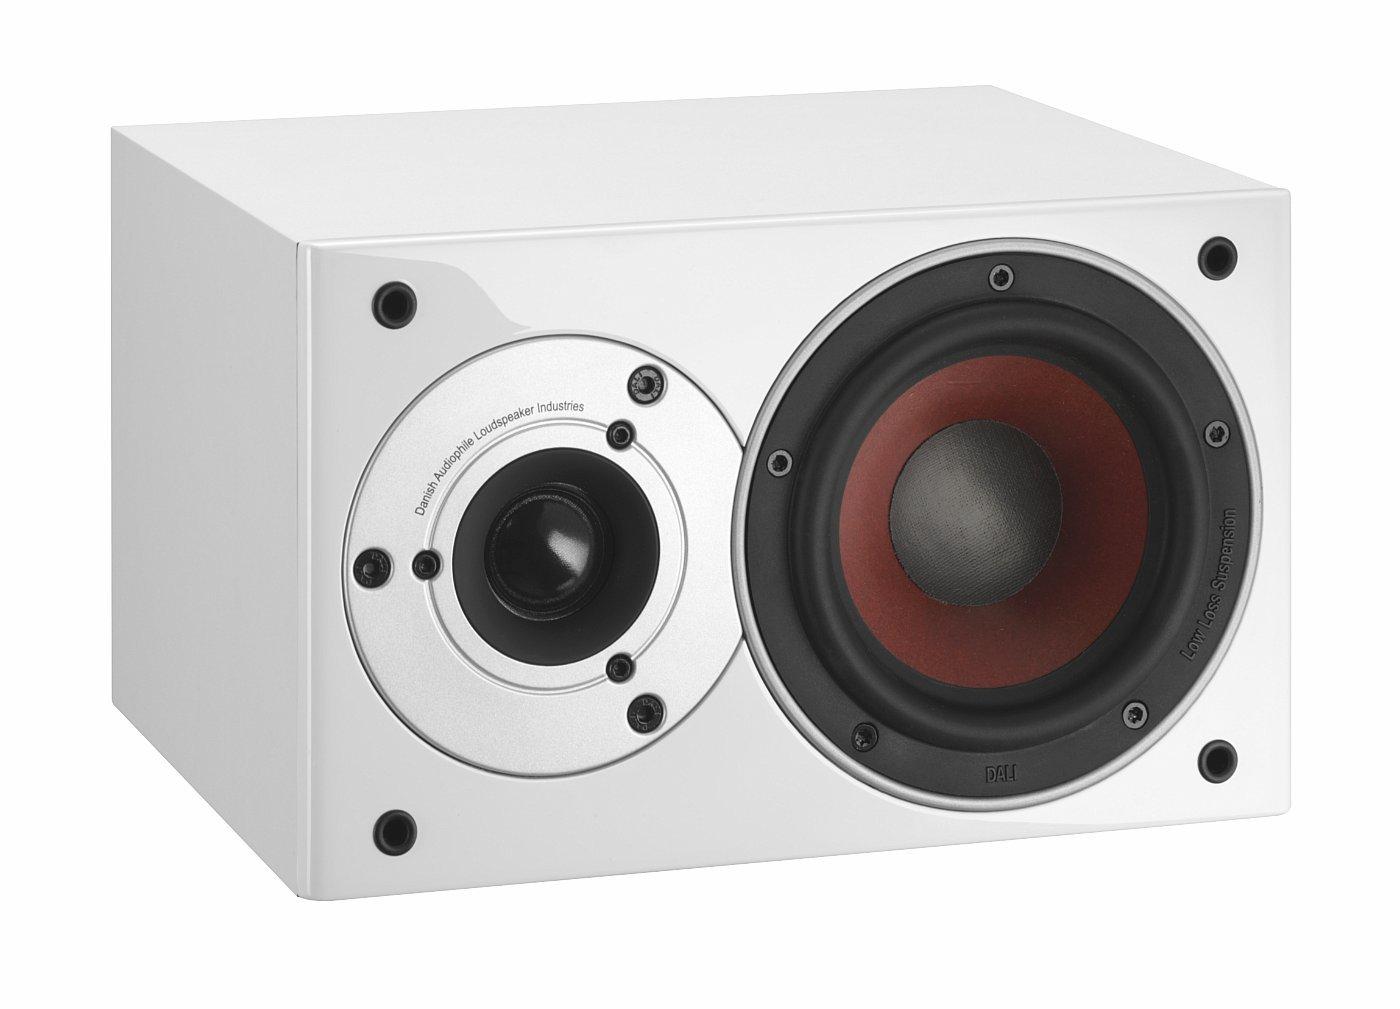 Dali Lautsprecherset Zensor Pico 5.1 Set weiss: Amazon.de: Elektronik